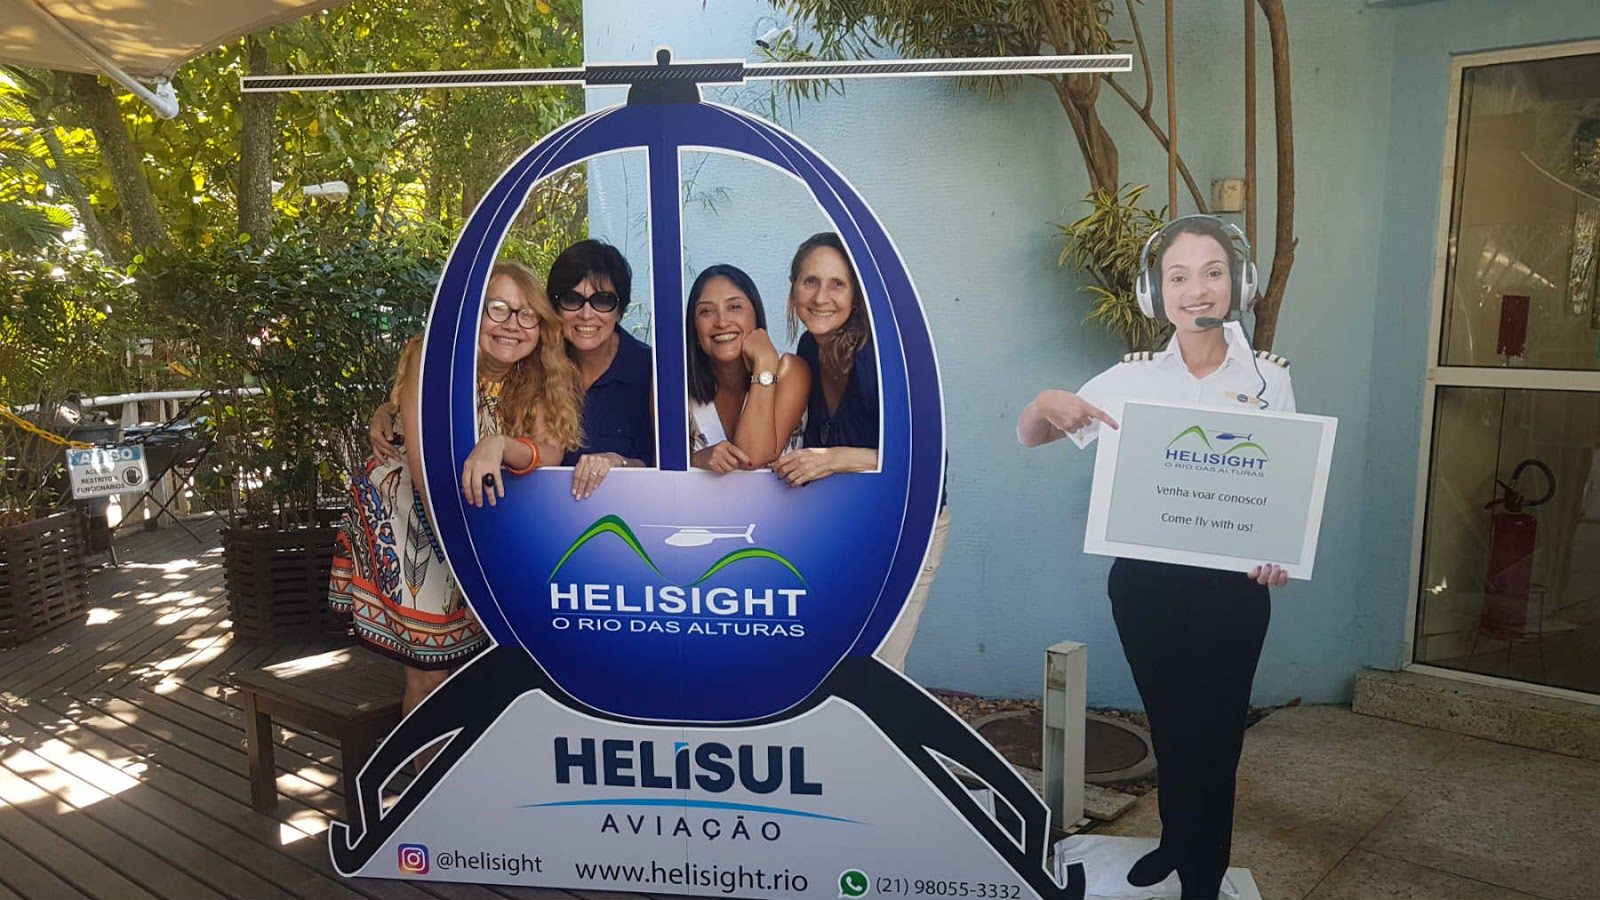 Heliponto da Helisight na Lagoa Rodrigo de Freitas,RJ.